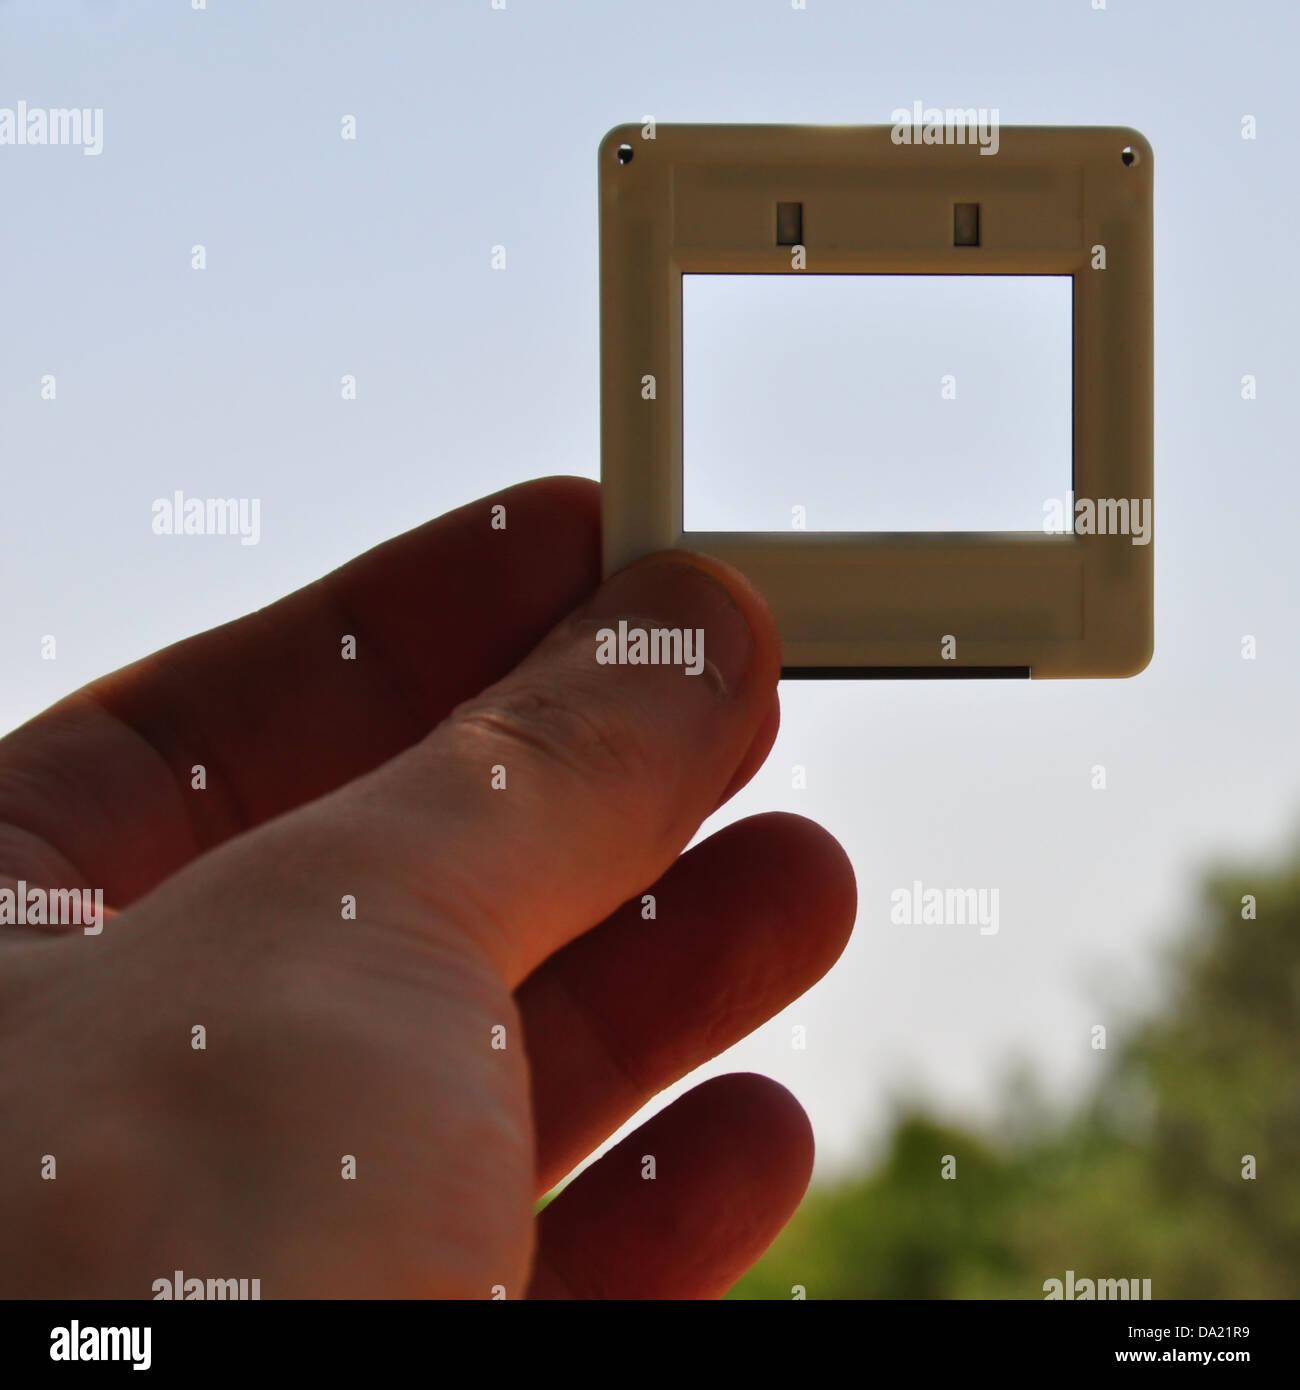 Mano con diapositiva fotográfica en blanco el marco de imagen. Coloque su propia imagen o texto. Foto de stock